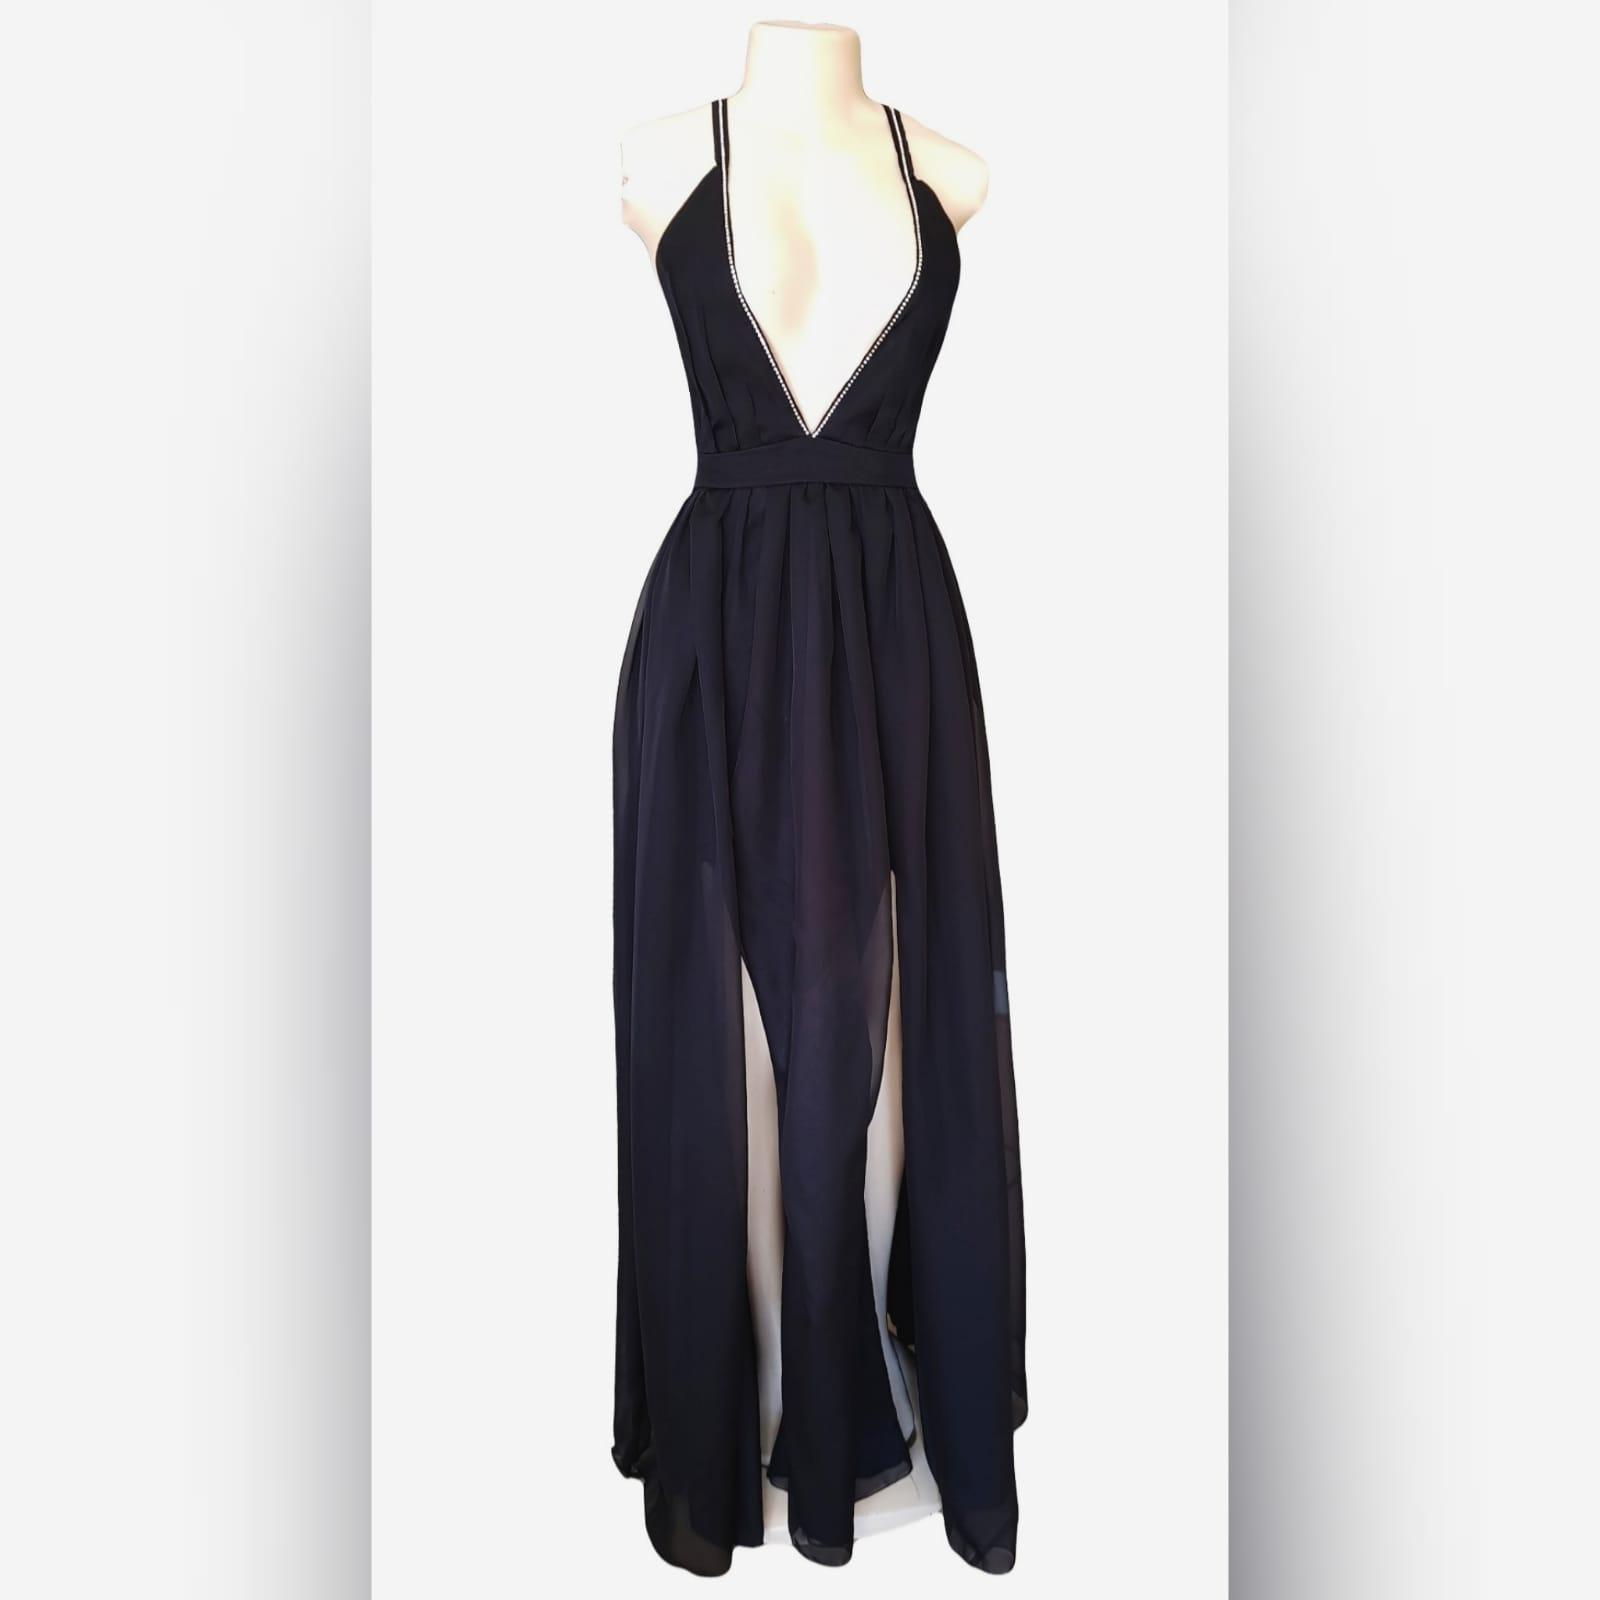 Vestido de cerimônia com decote profundo preto sexy 7 sexy black plunging neckline prom dress, with a naked back, crossed straps detailed with diamante and a slit